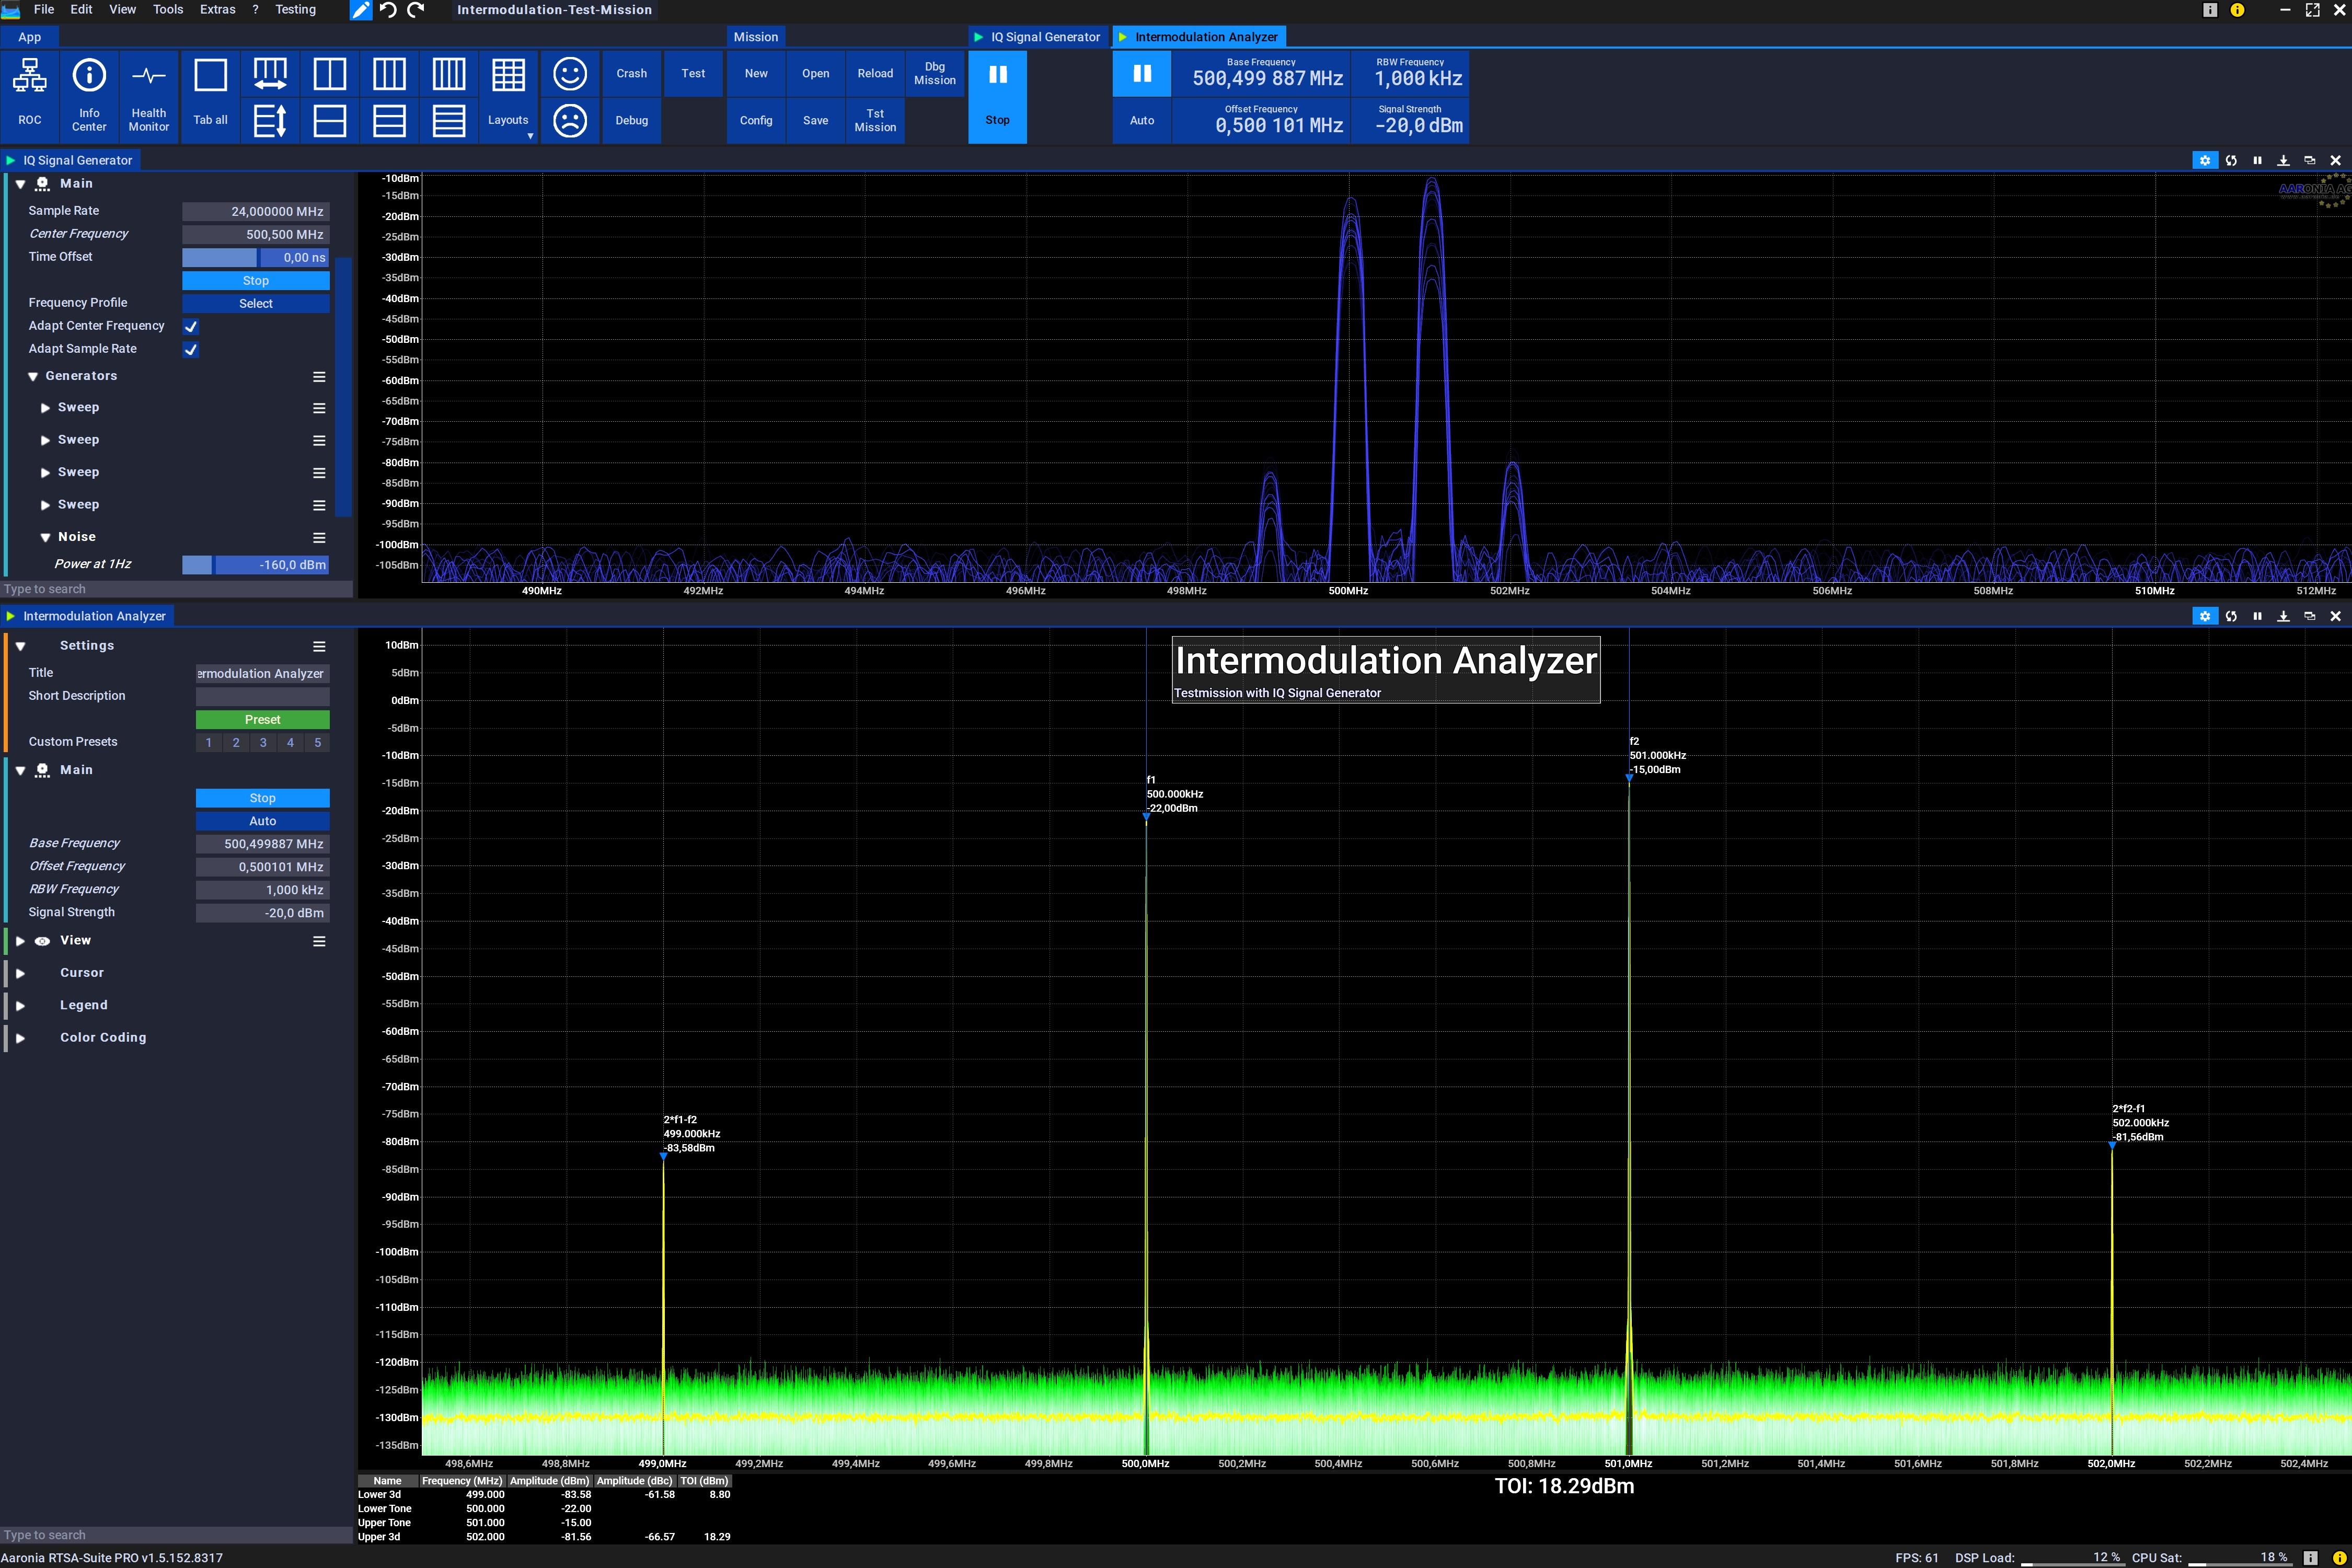 TOI Intermodulation Analyzer Screenshot